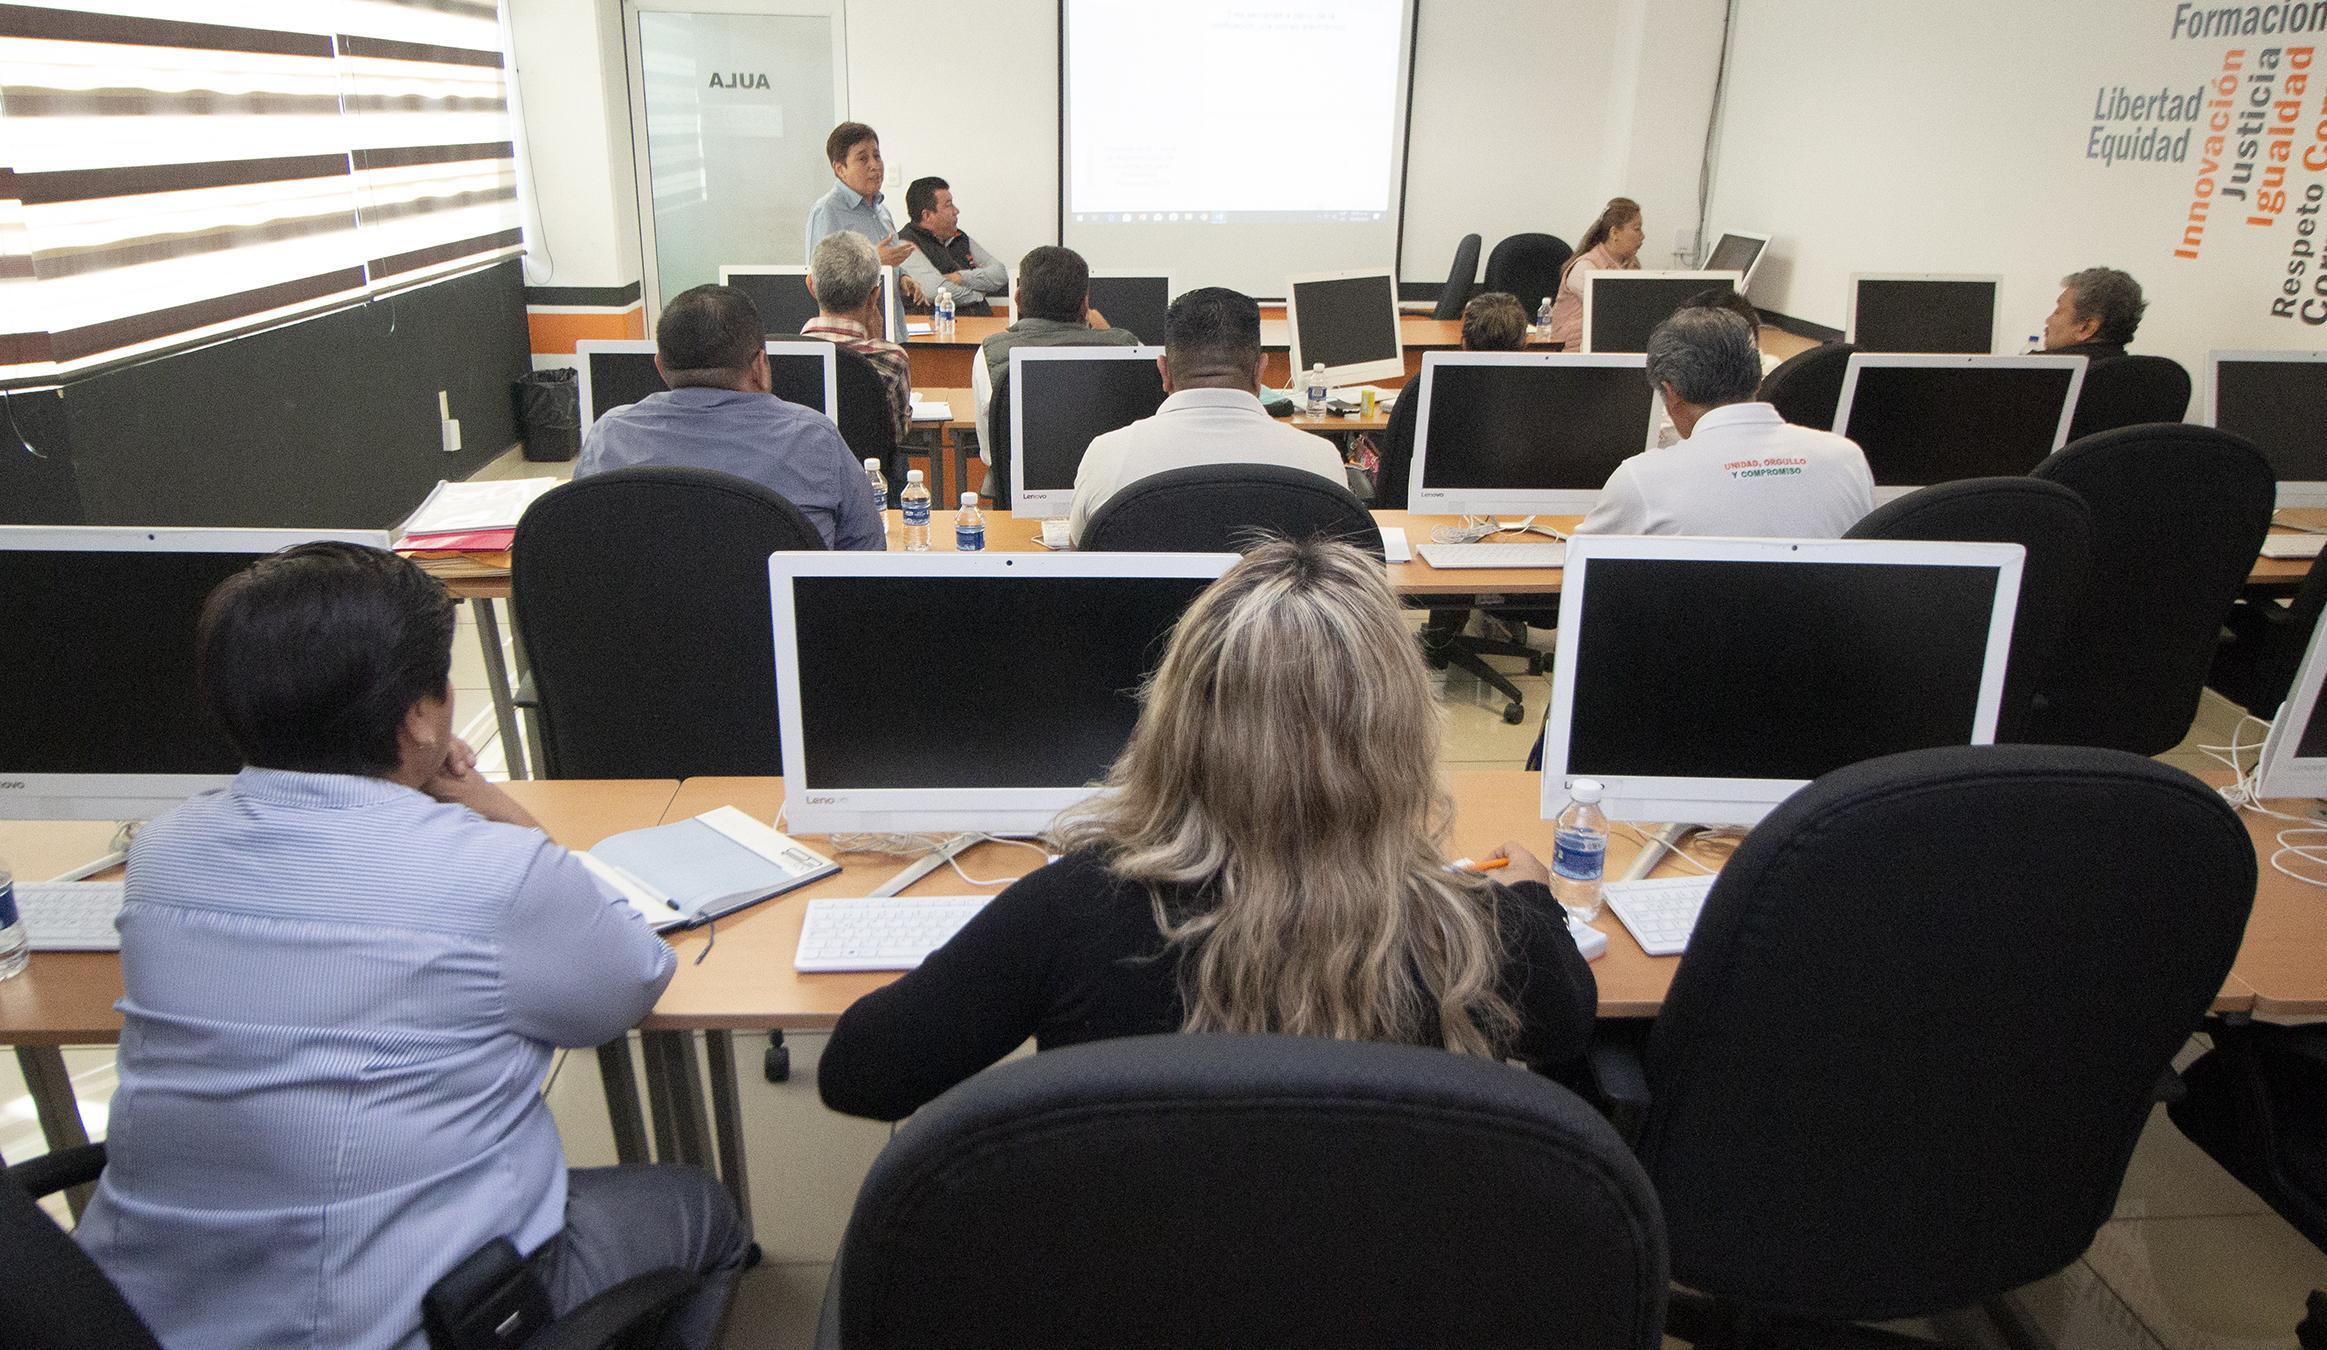 Sección 26 revisa Programa de Otorgamiento de Créditos Personales de ISSSTE 2020 e incidencias en Becas ciclo 2019-2020.